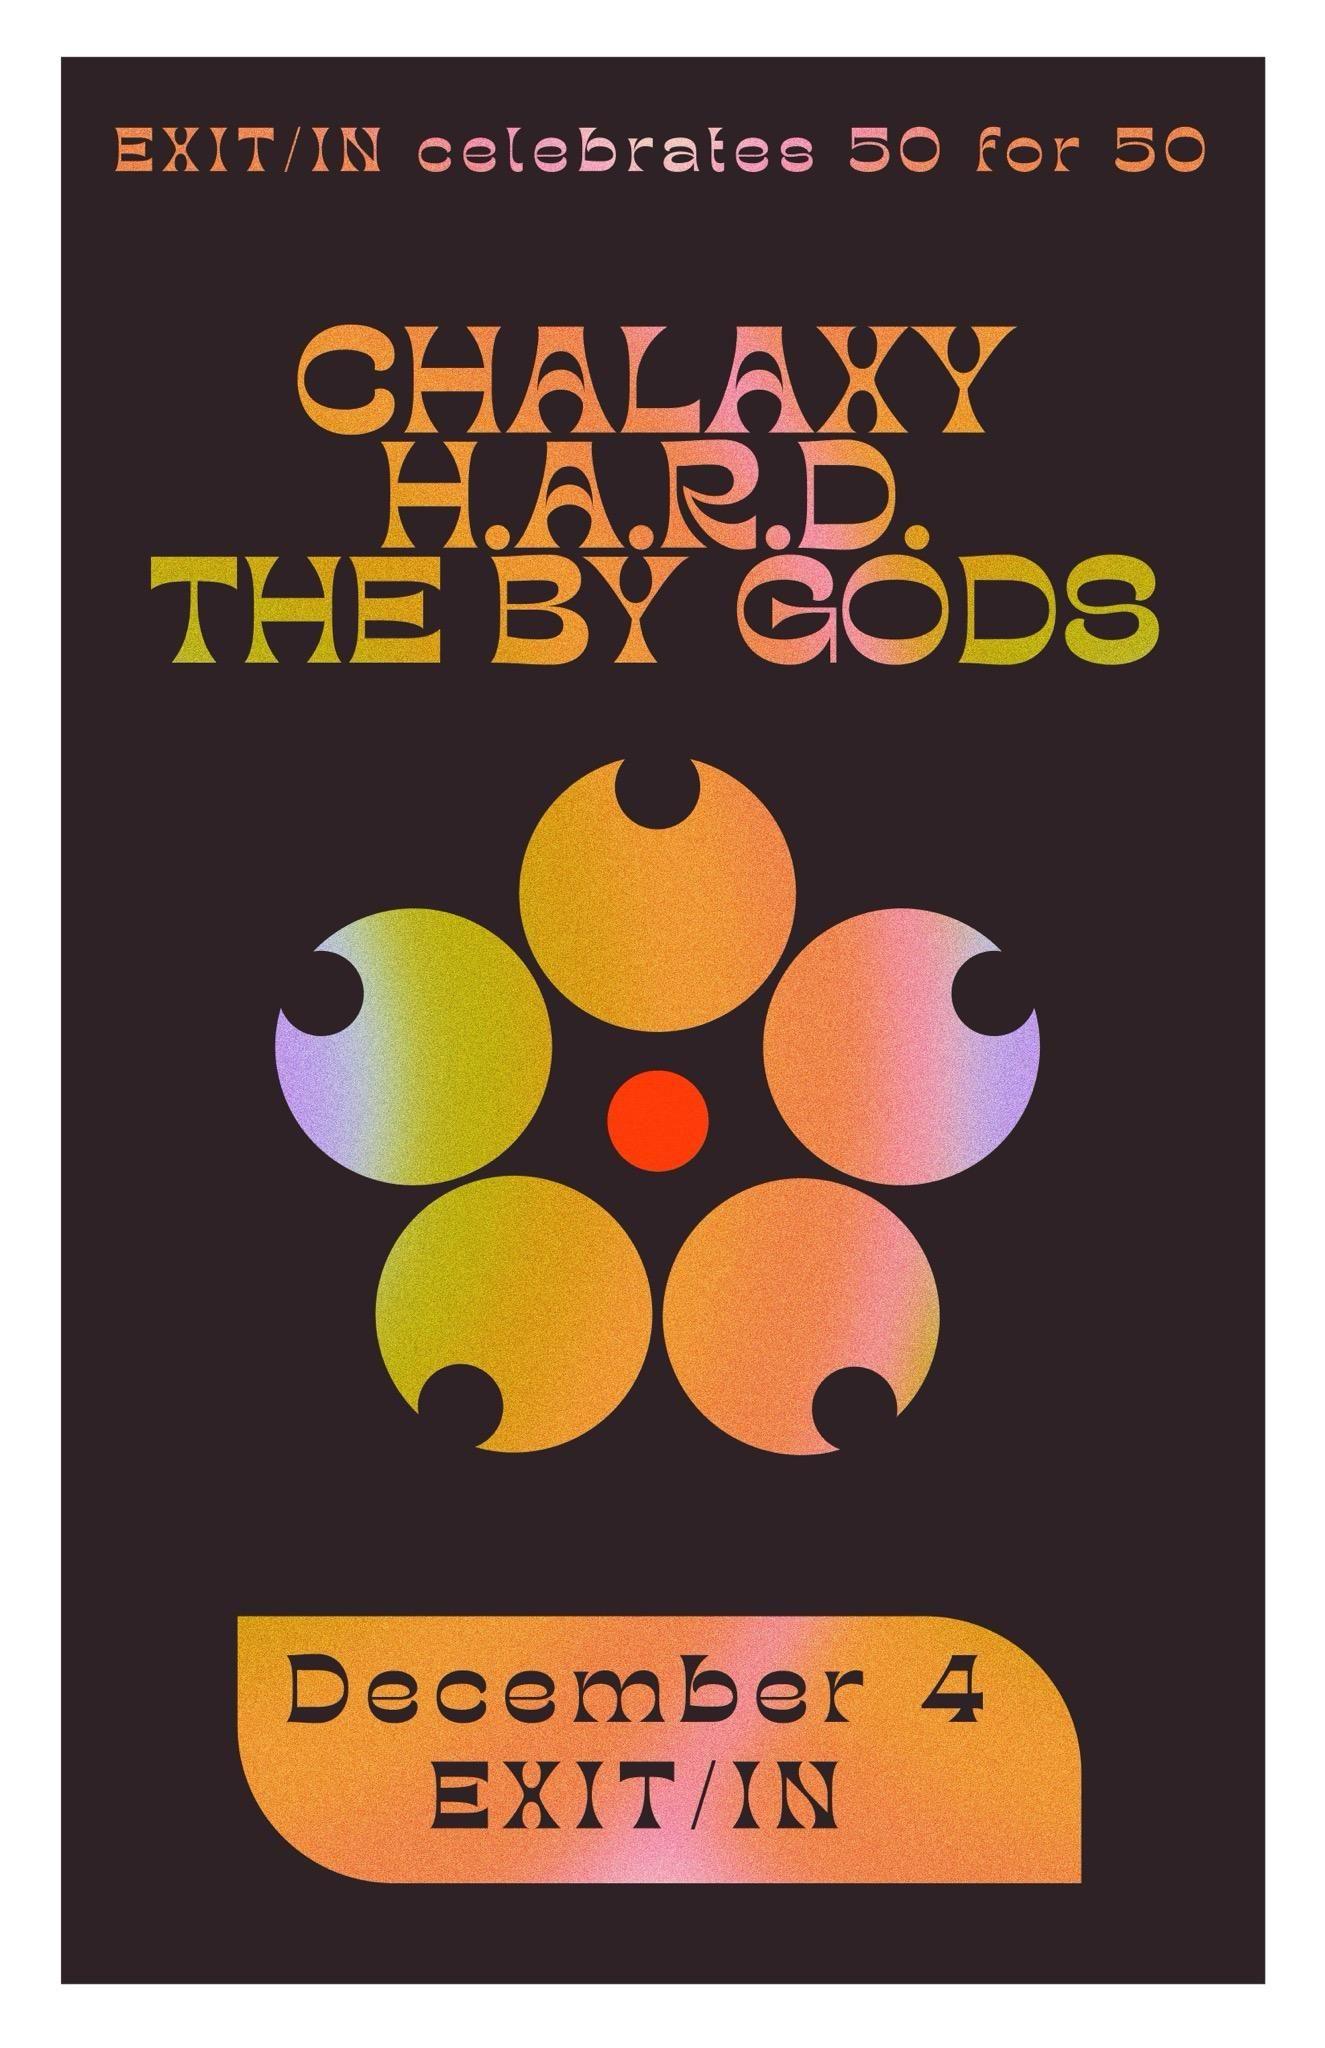 Chalaxy: